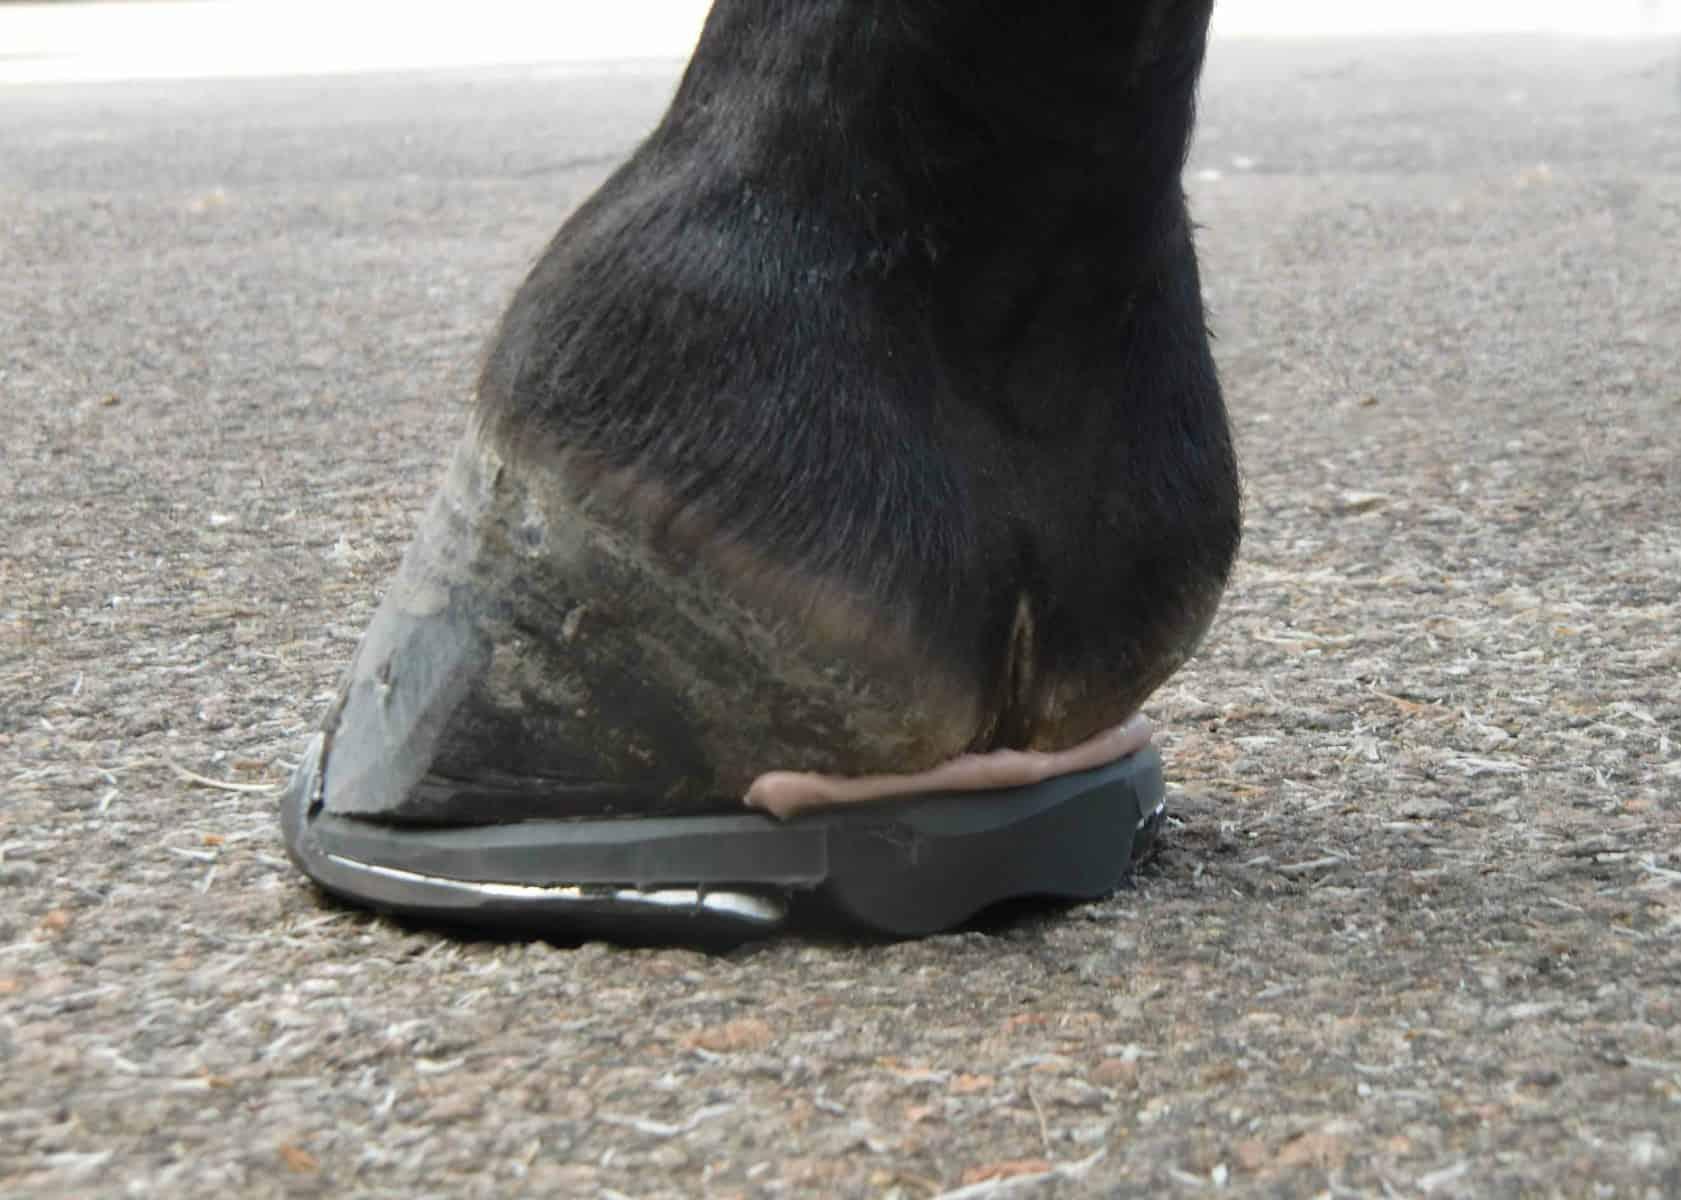 sapateando o cavalo de salto baixo